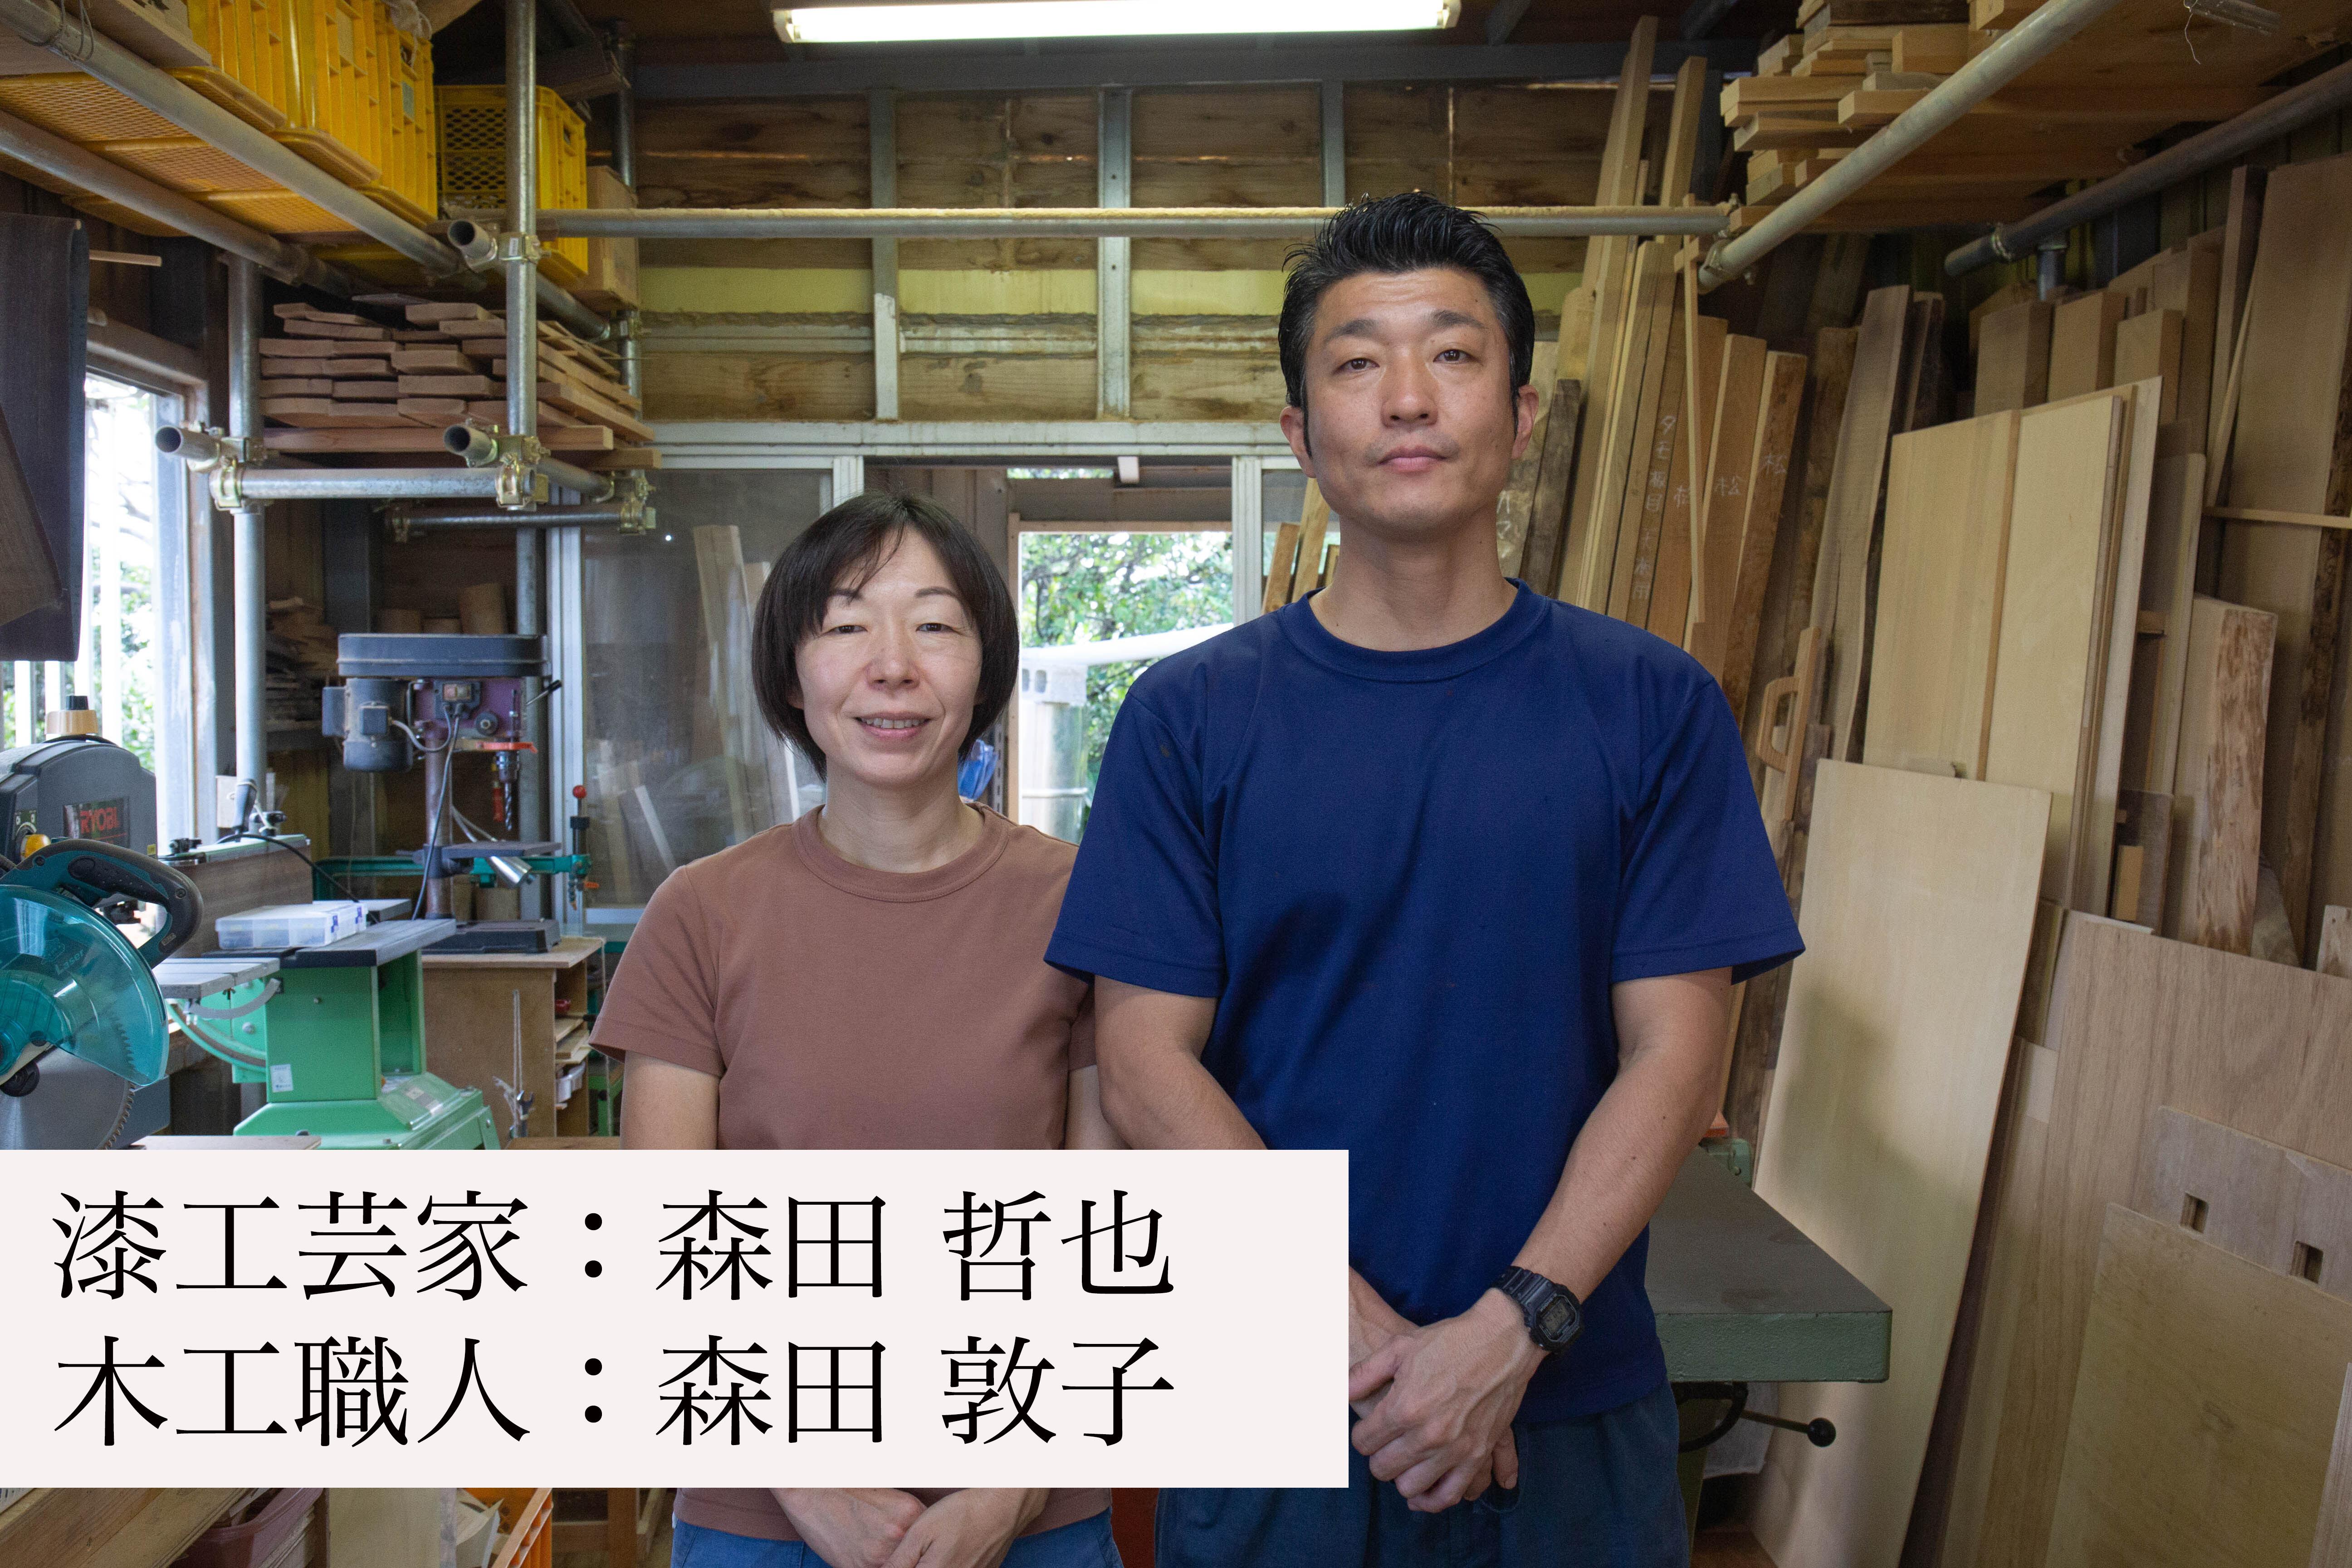 漆と木。沖縄伝統工芸品の新しいカタチ「工房ぬりトン」